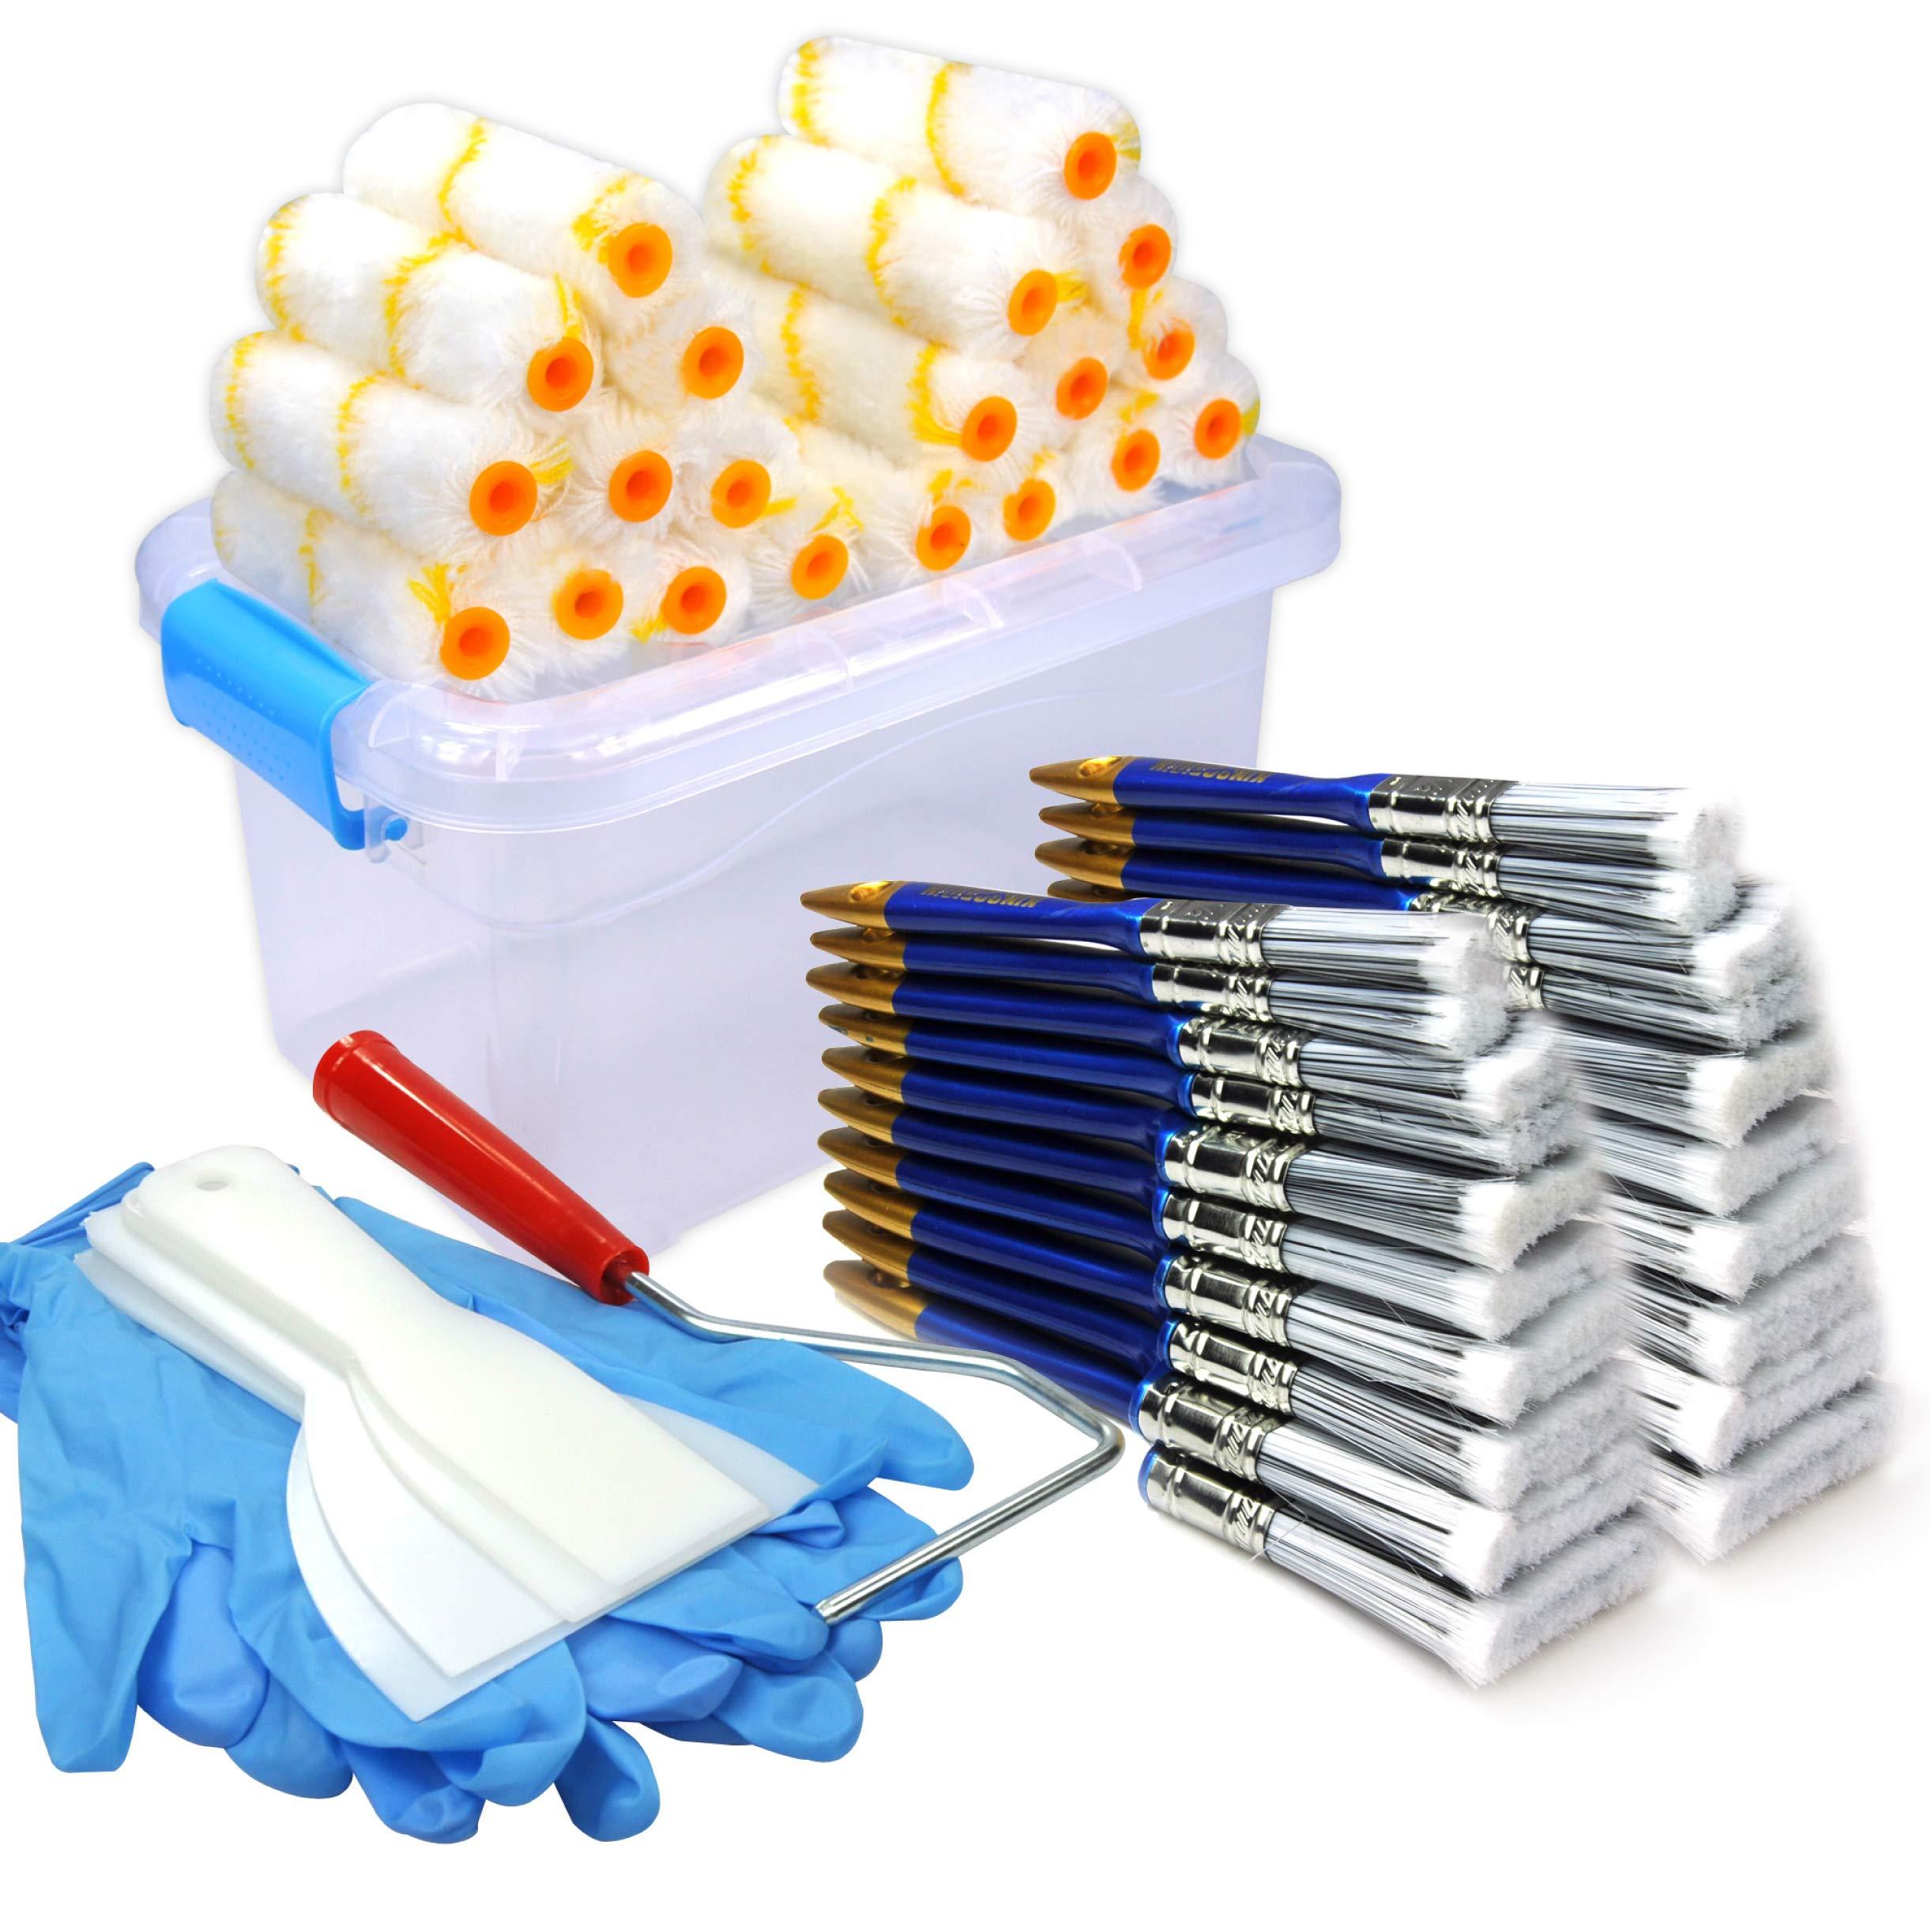 50 Piece Painters Multi use,Home Tool kit,Mini Paint Roller Covers,Paint Roller,Paint Brush,Paint Roller Frame,Home Repair Tools,Tools,Tool kit,Tool case,Home Tool kit,Tool Storage,Tool Box